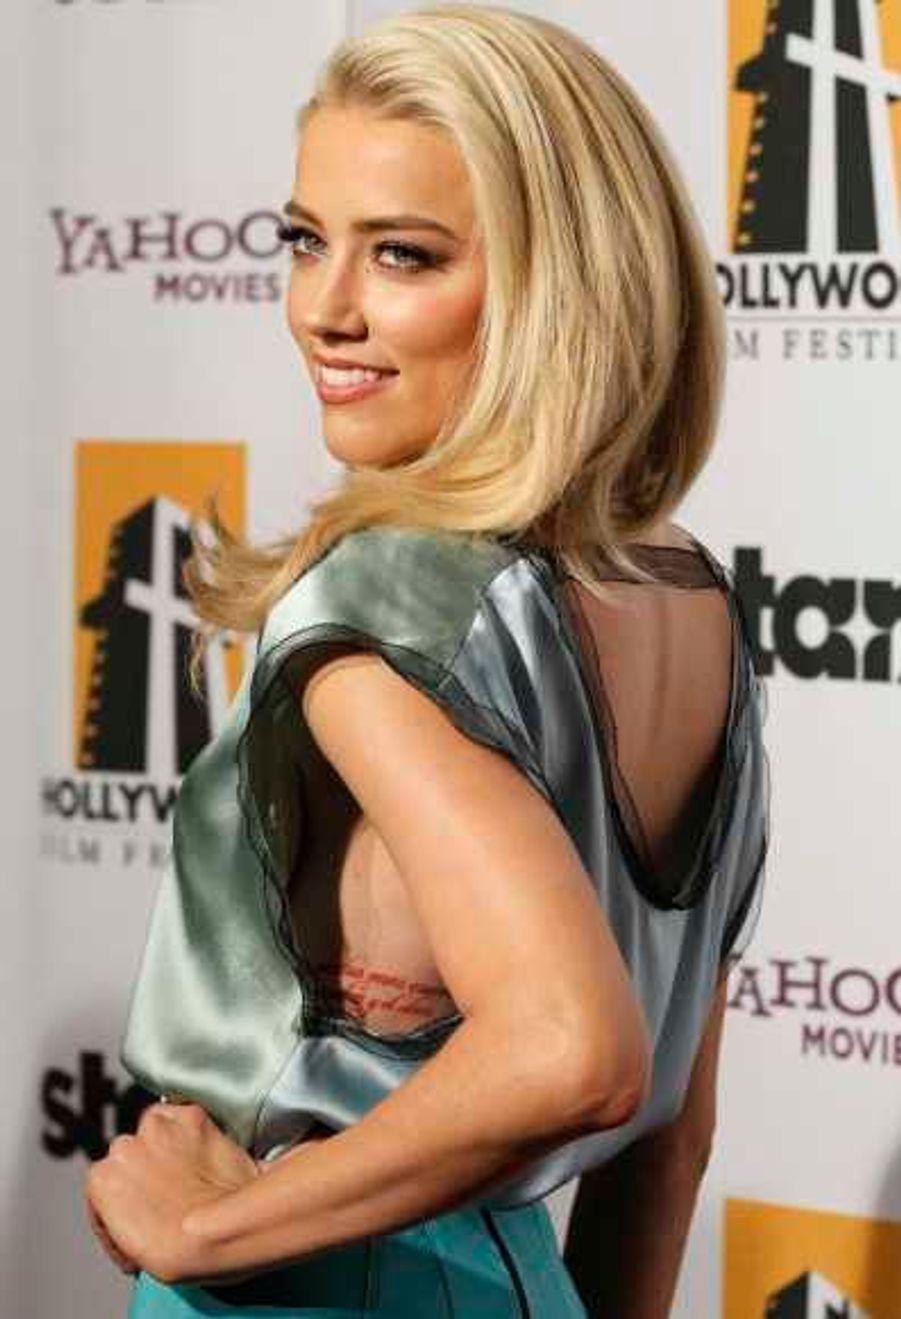 Amber Heard a donc reçu le Hollywood Spotlight Awards, qui récompense les nouveaux espoirs, pour Rhum express, avec Elle Fanning (Super 8), mais aussi Bérénice Bejo (The Artist), Jean Dujardin (The Artist), Andrea Riseborough (WE), Shailene Woodley (The Descendants), et Anton Yelchin (Like Crazy).